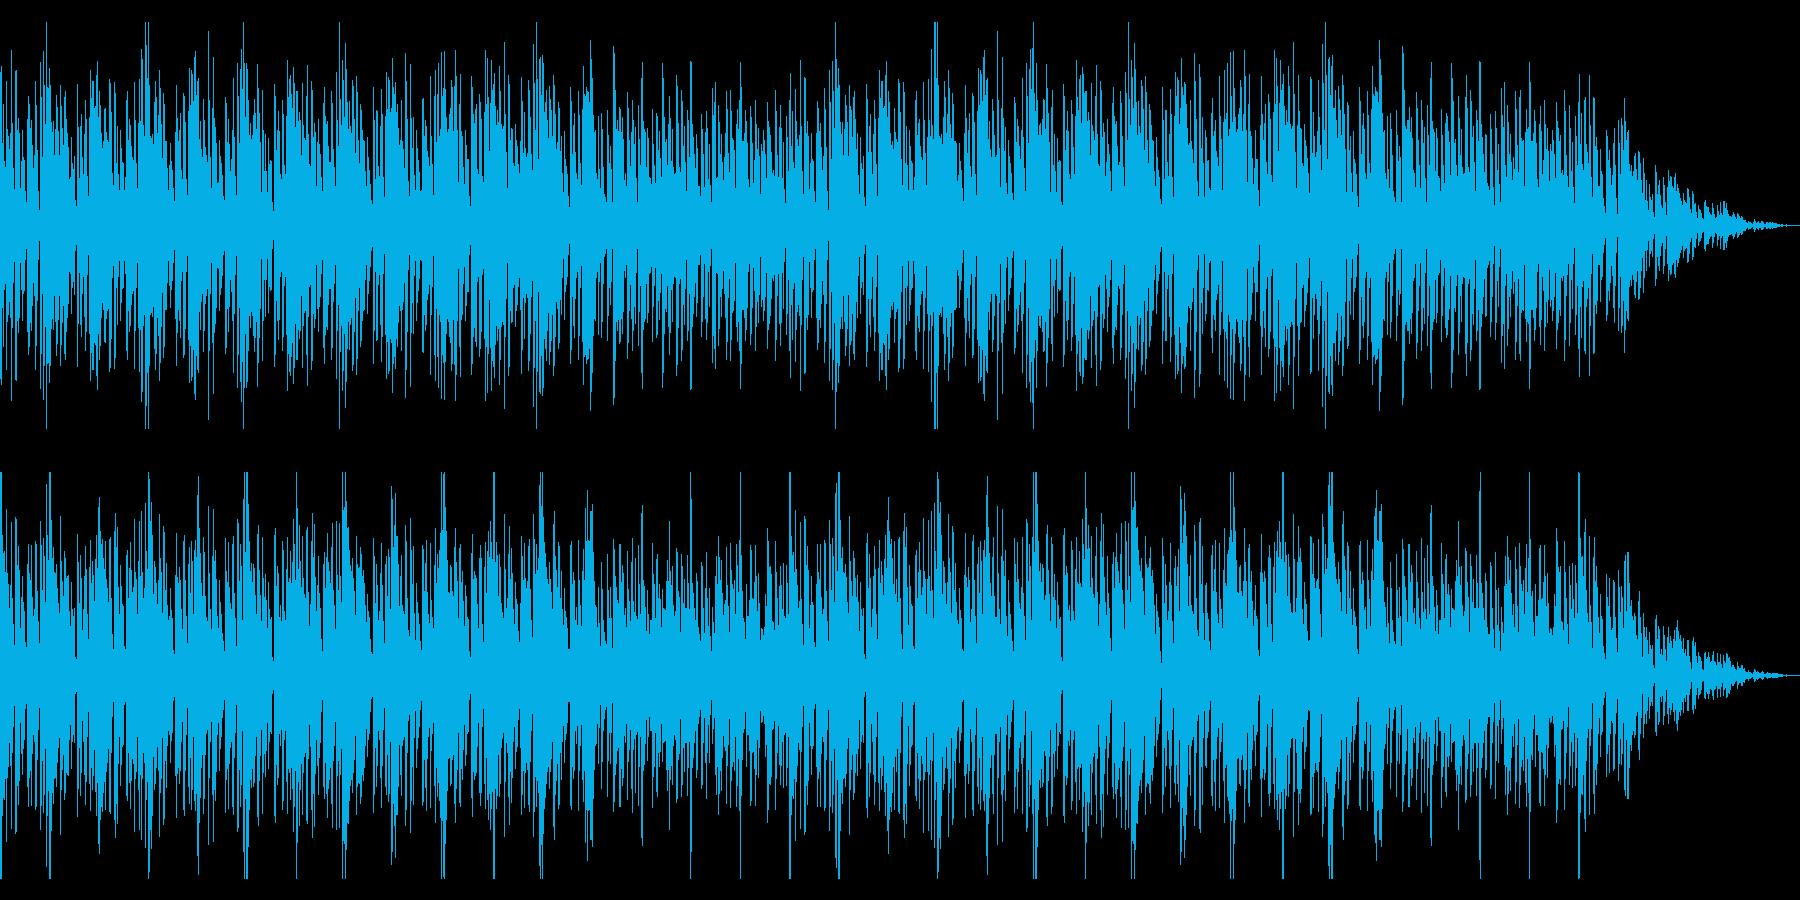 浮遊感のある海を意識したアンビエント楽曲の再生済みの波形